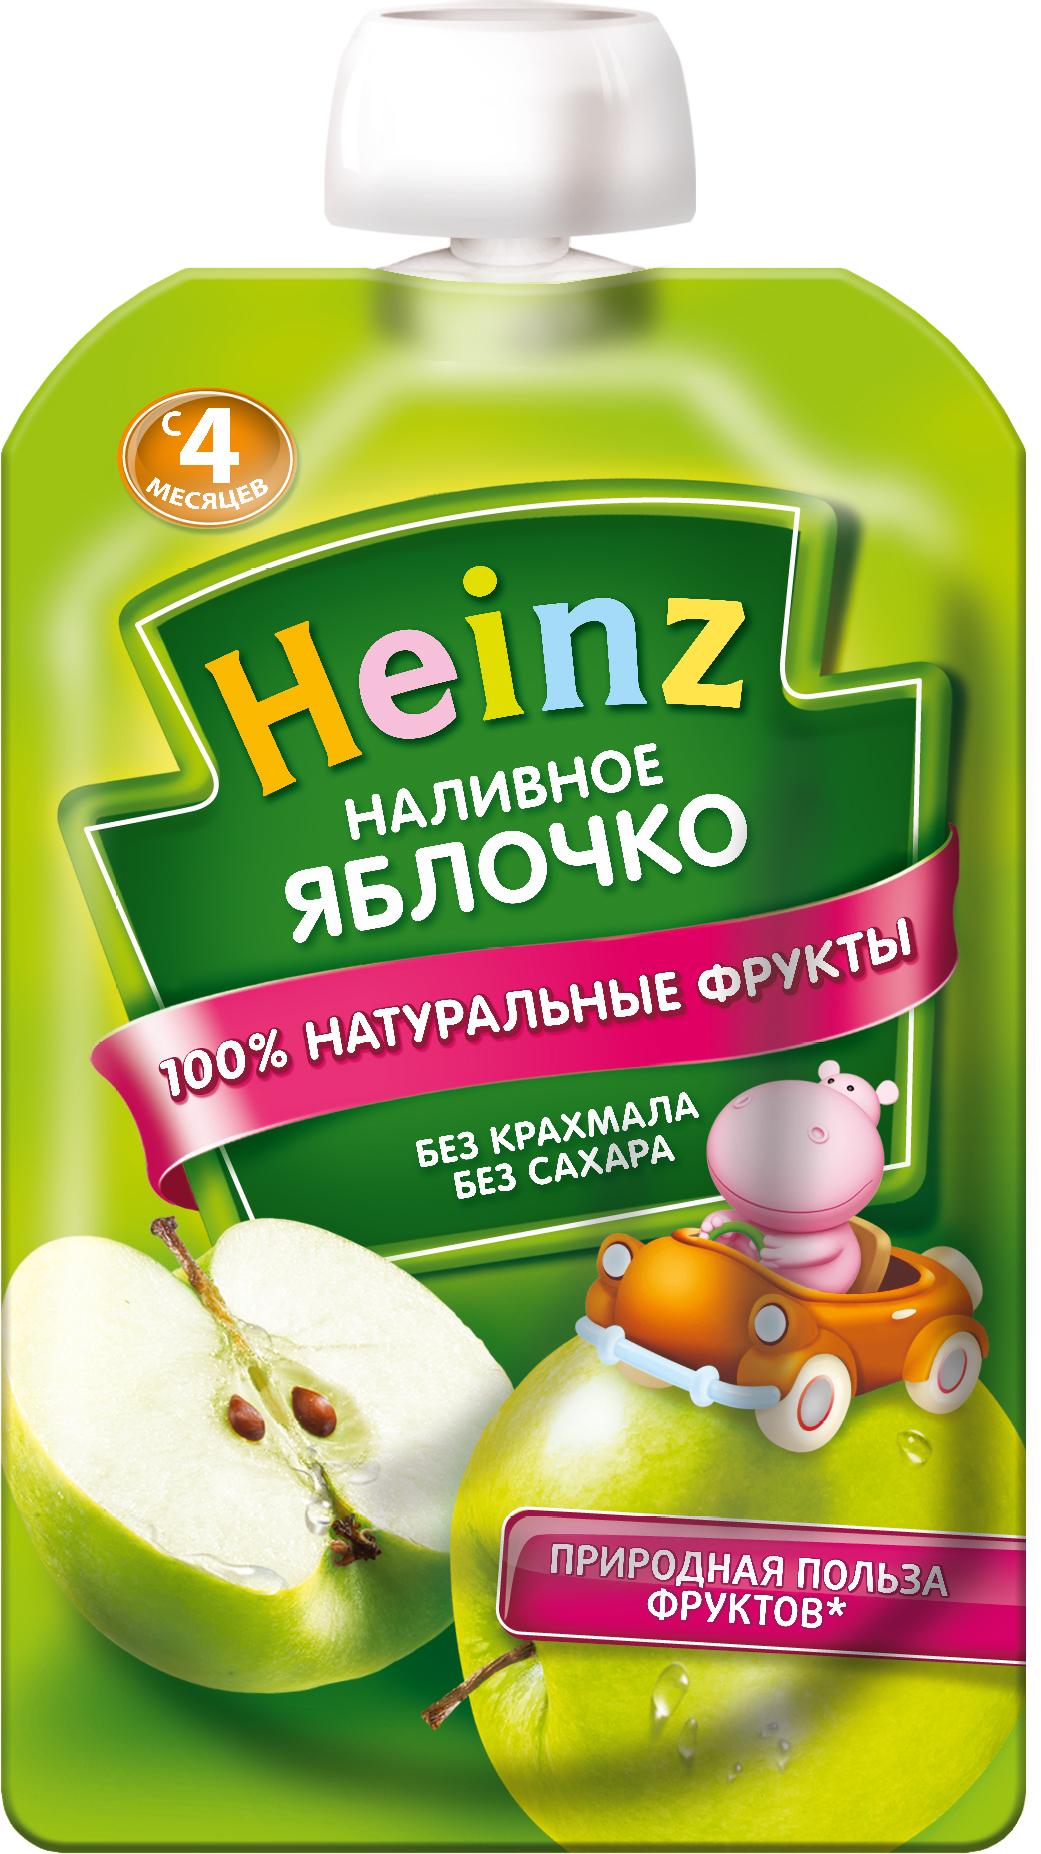 Фруктовое Heinz Heinz Наливное яблочко (с 4 месяцев) 100 г karl heinz bohle dresden in farbe